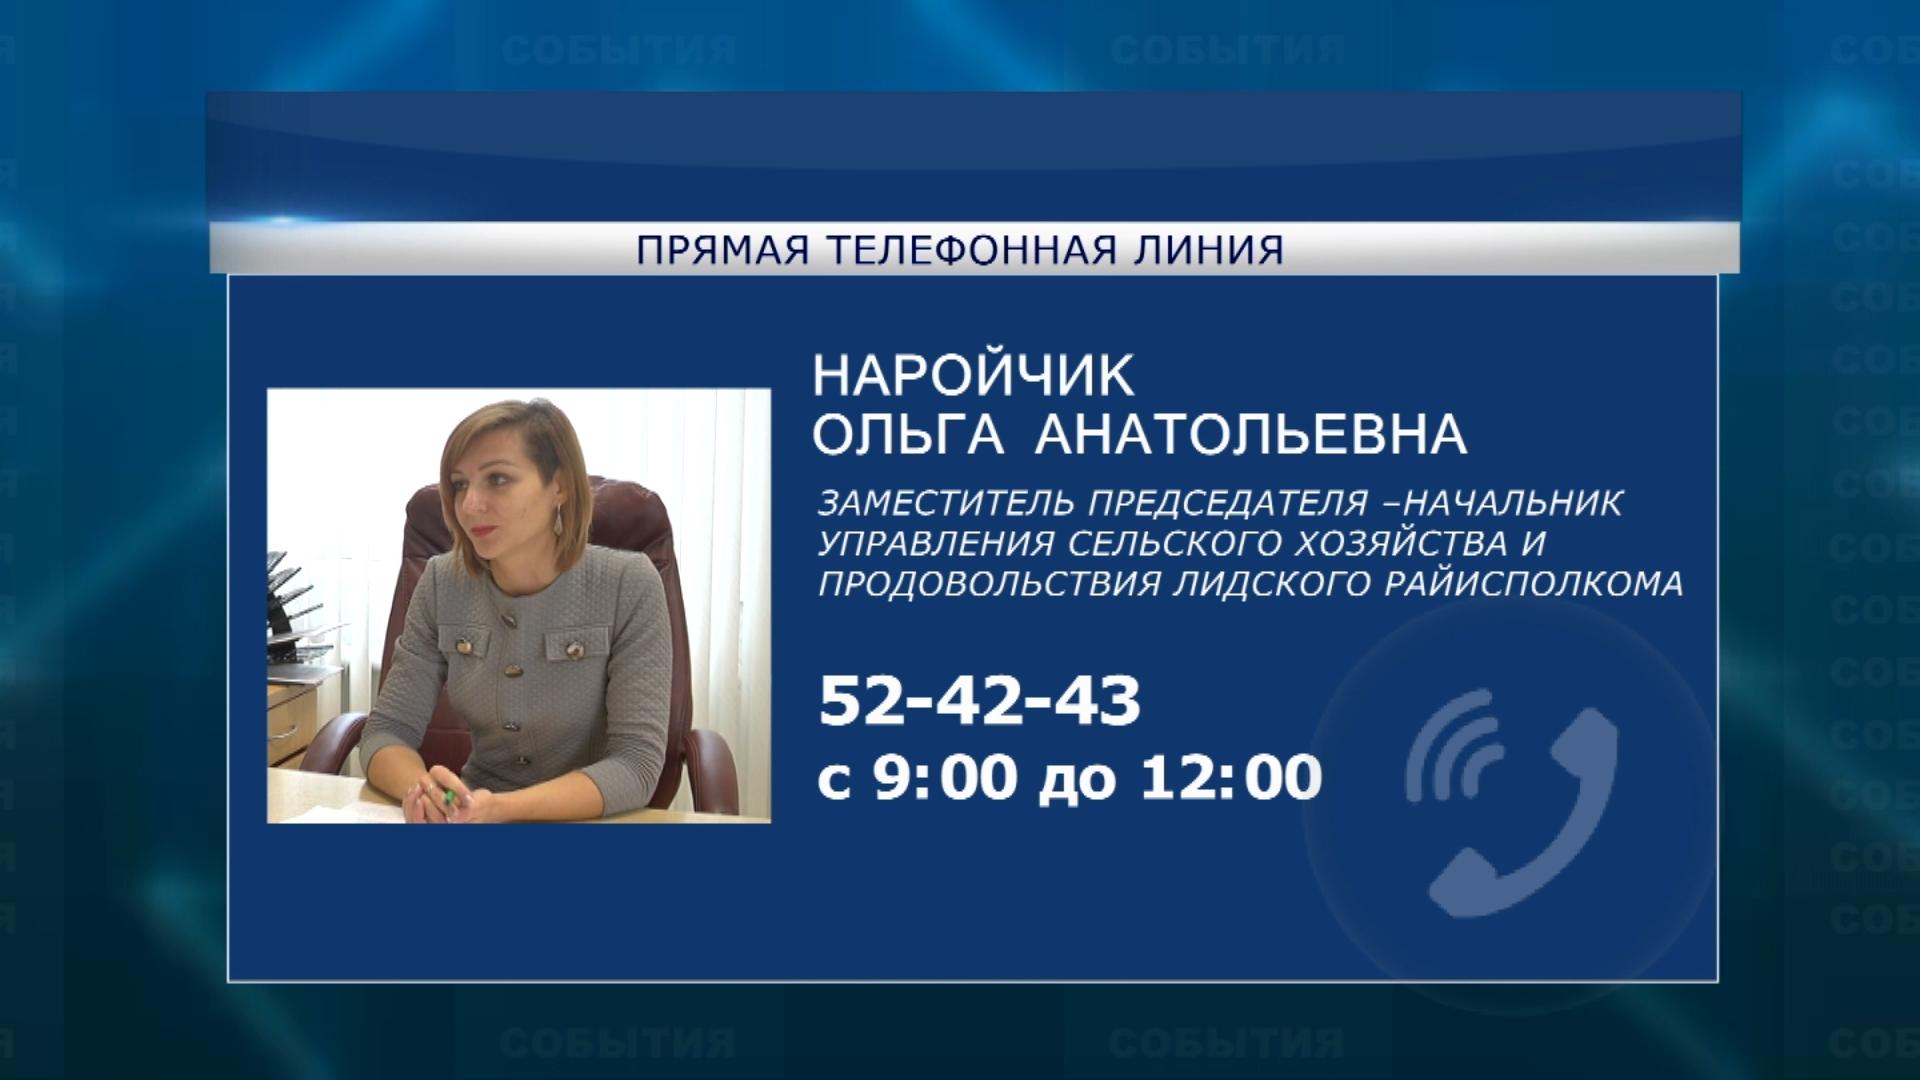 В Лиде 24 апреля пройдет «прямая телефонная линия».